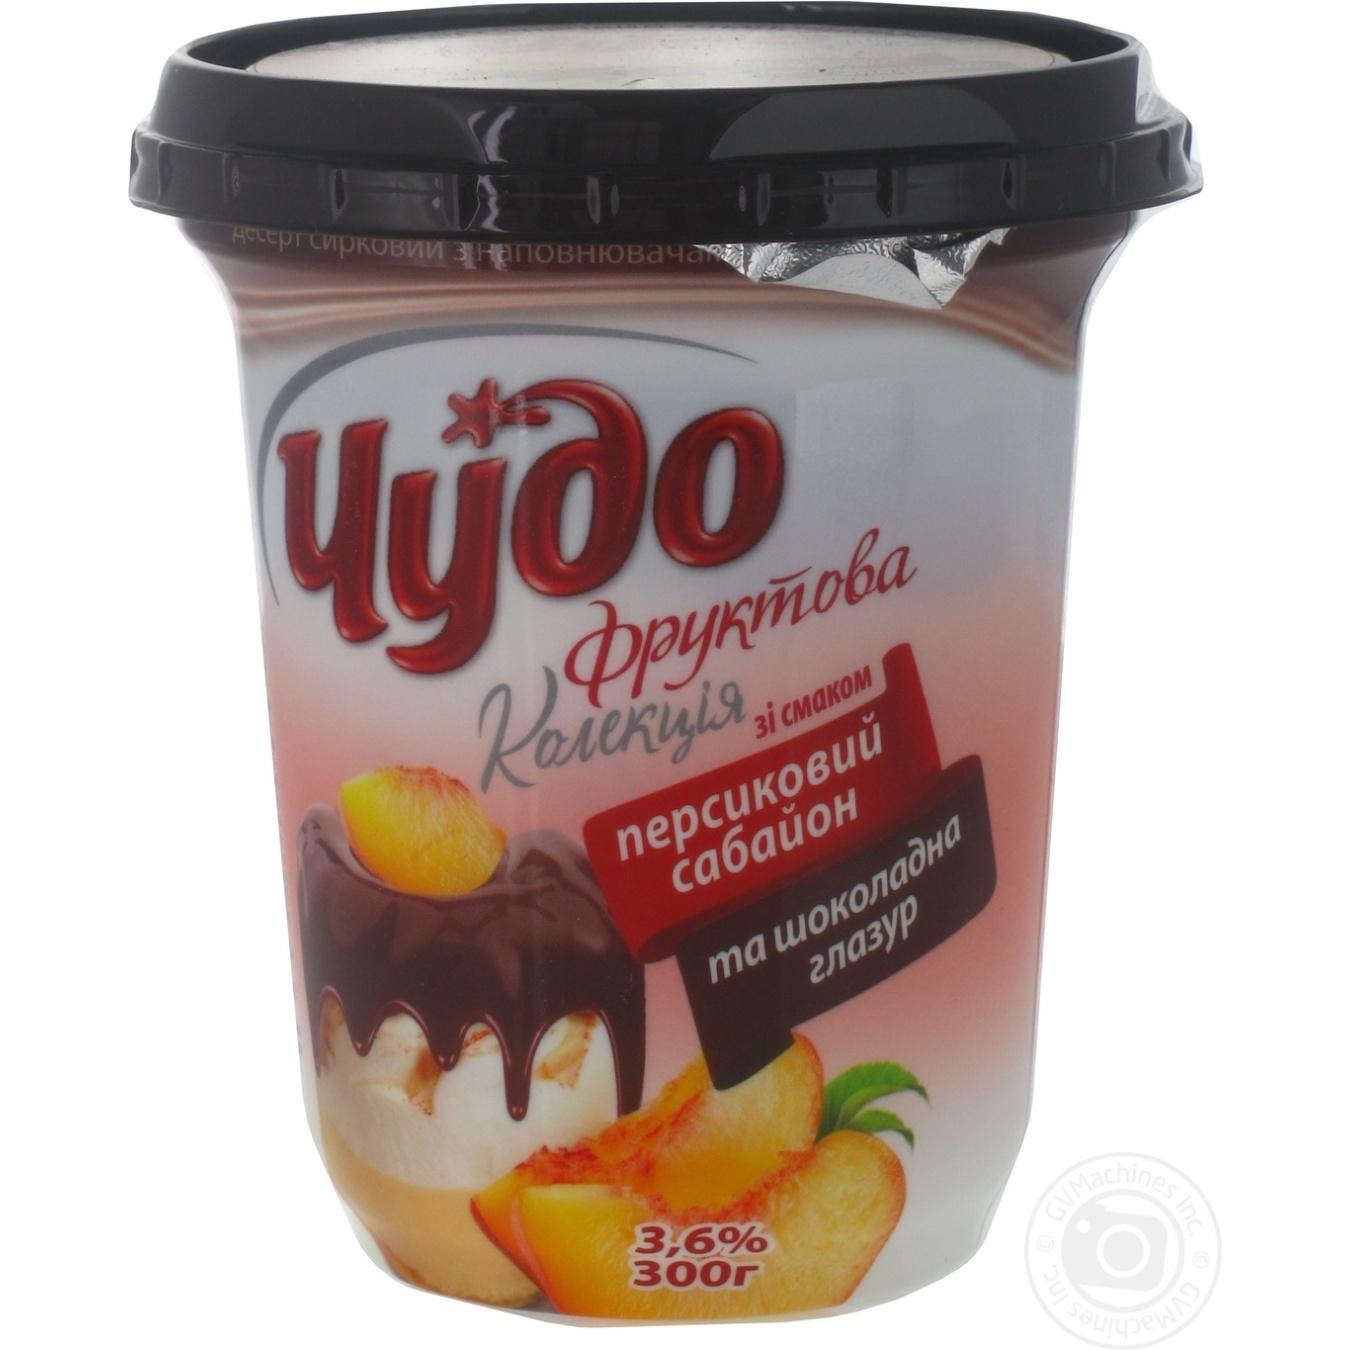 Десерт творожный Чудо Персиковый сабайон и шоколадная глазурь 3.6% 300г